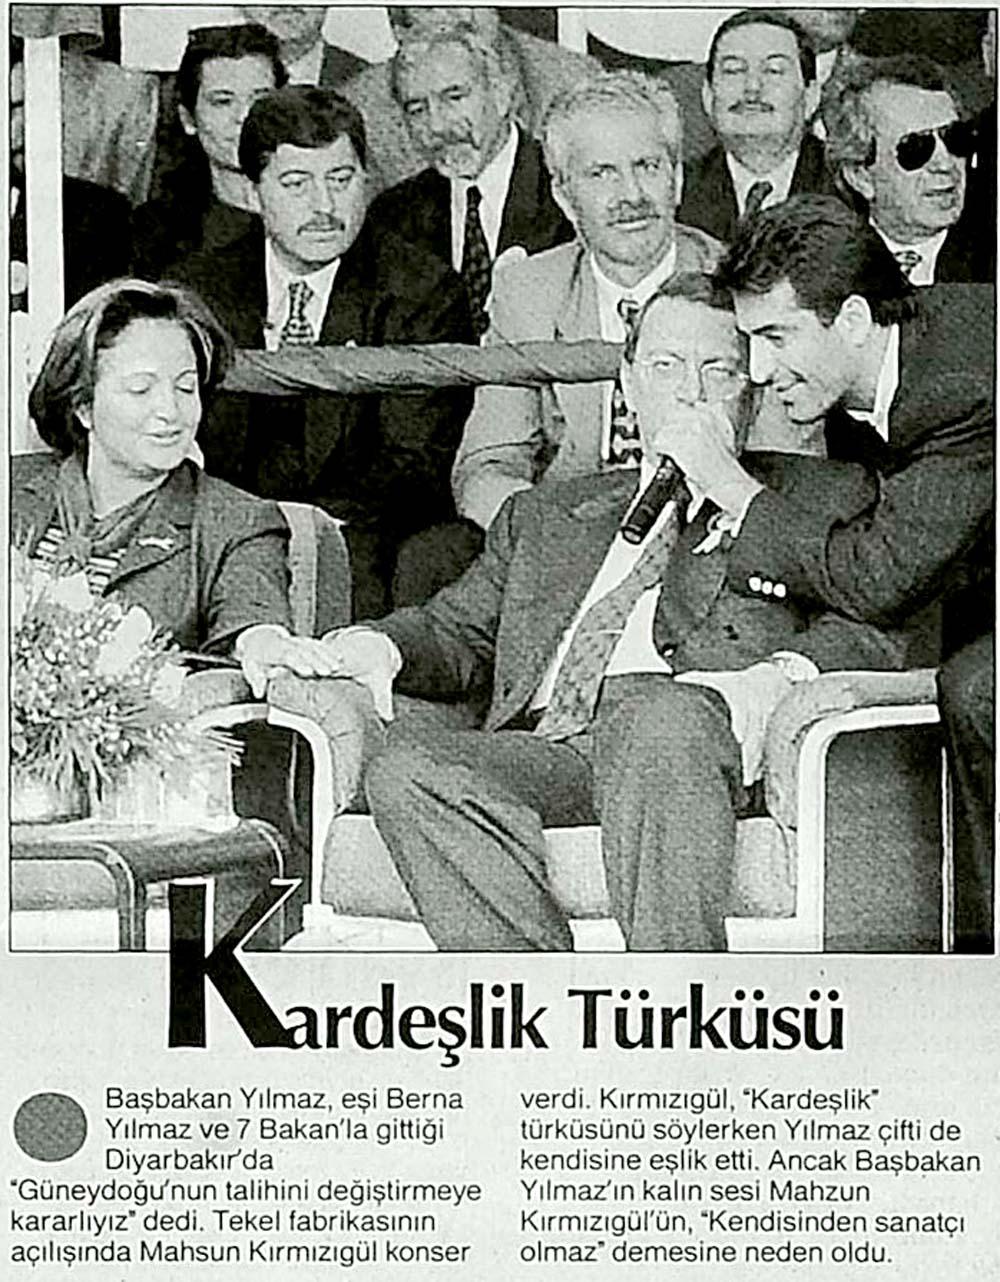 Kardeşlik Türküsü